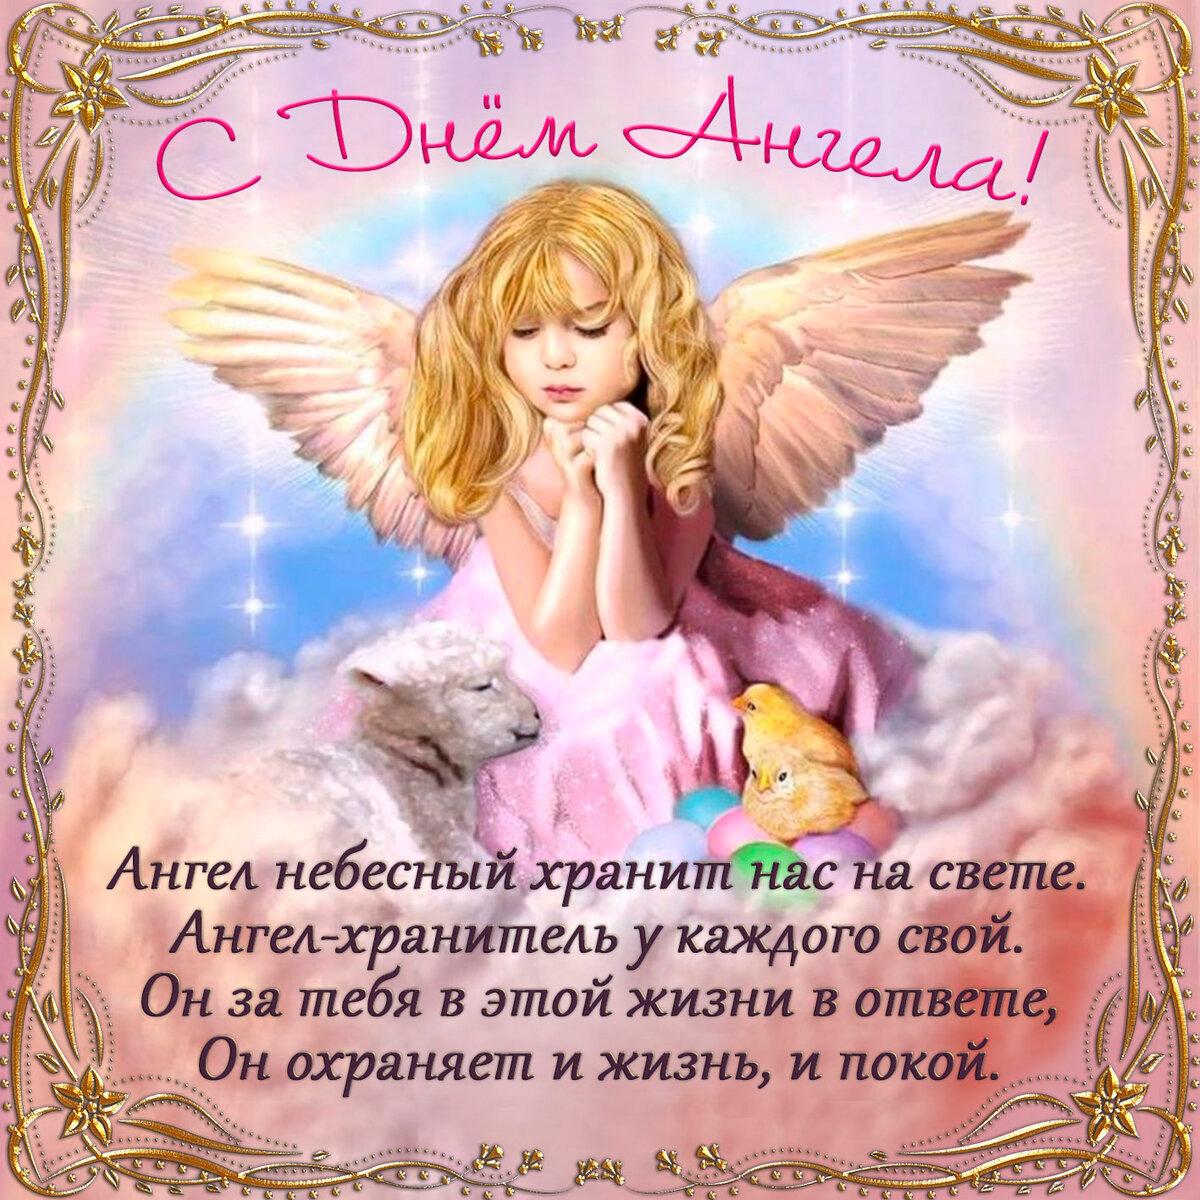 поздравление с днем ангела любимой в прозе